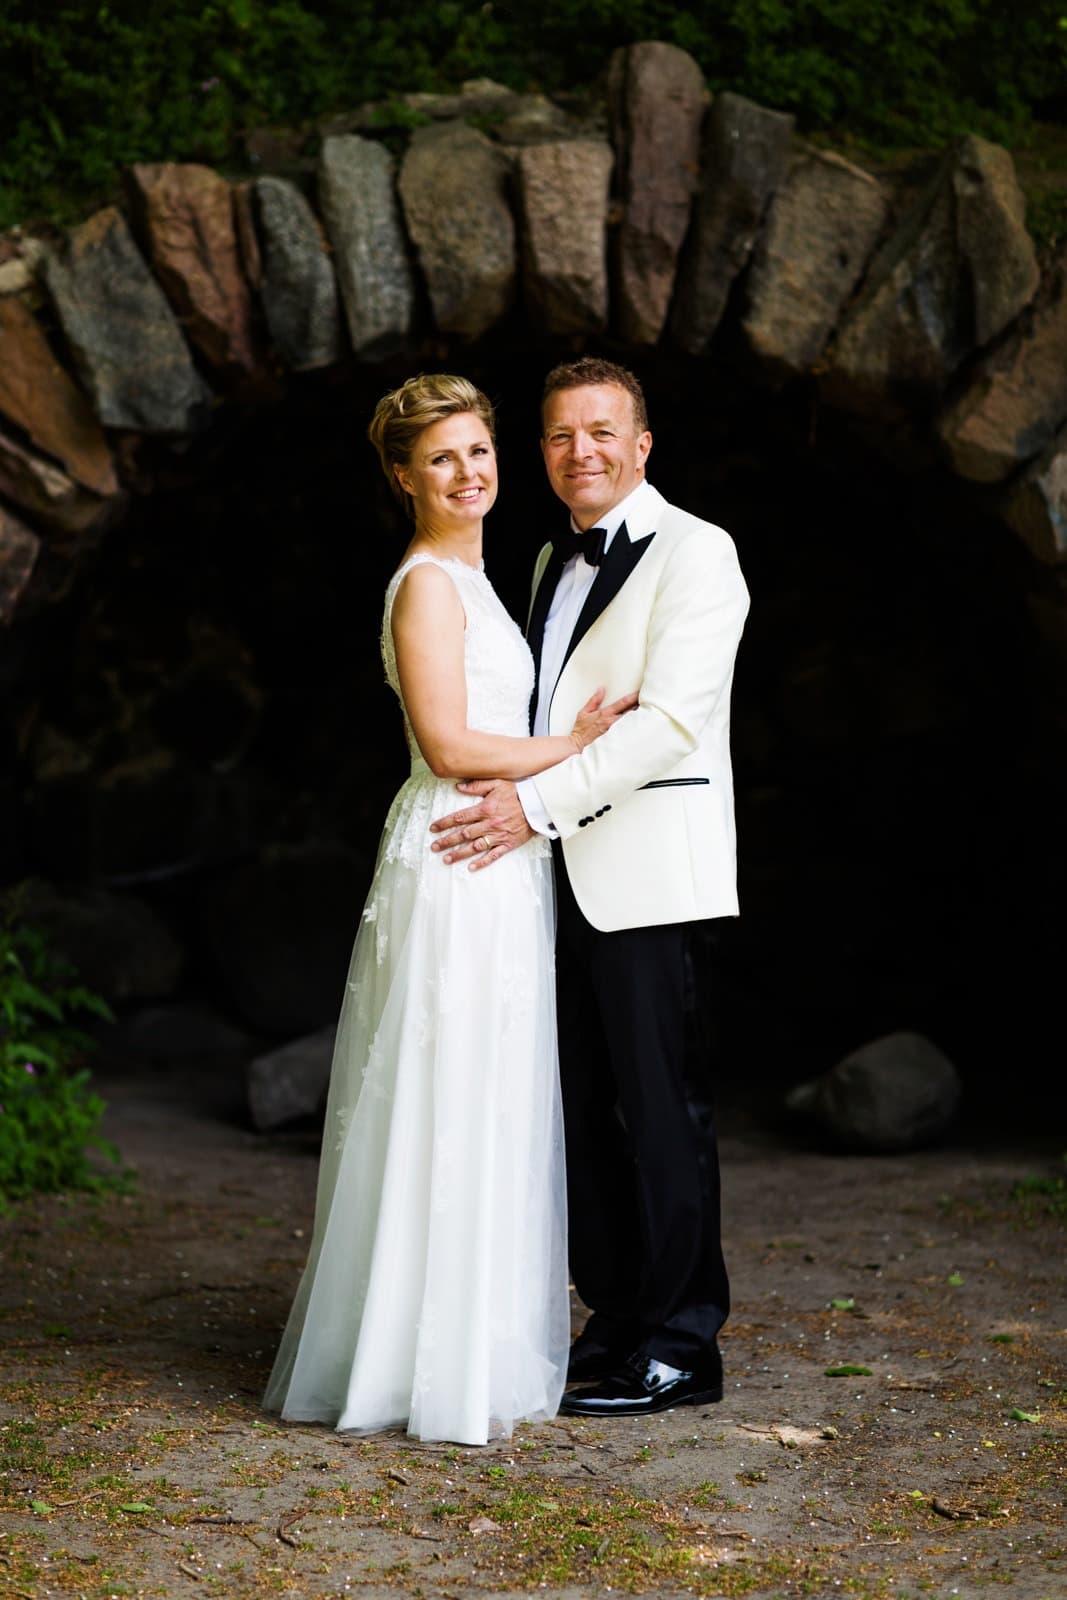 Fotograf til Bryllup i Hellerup – Del 1